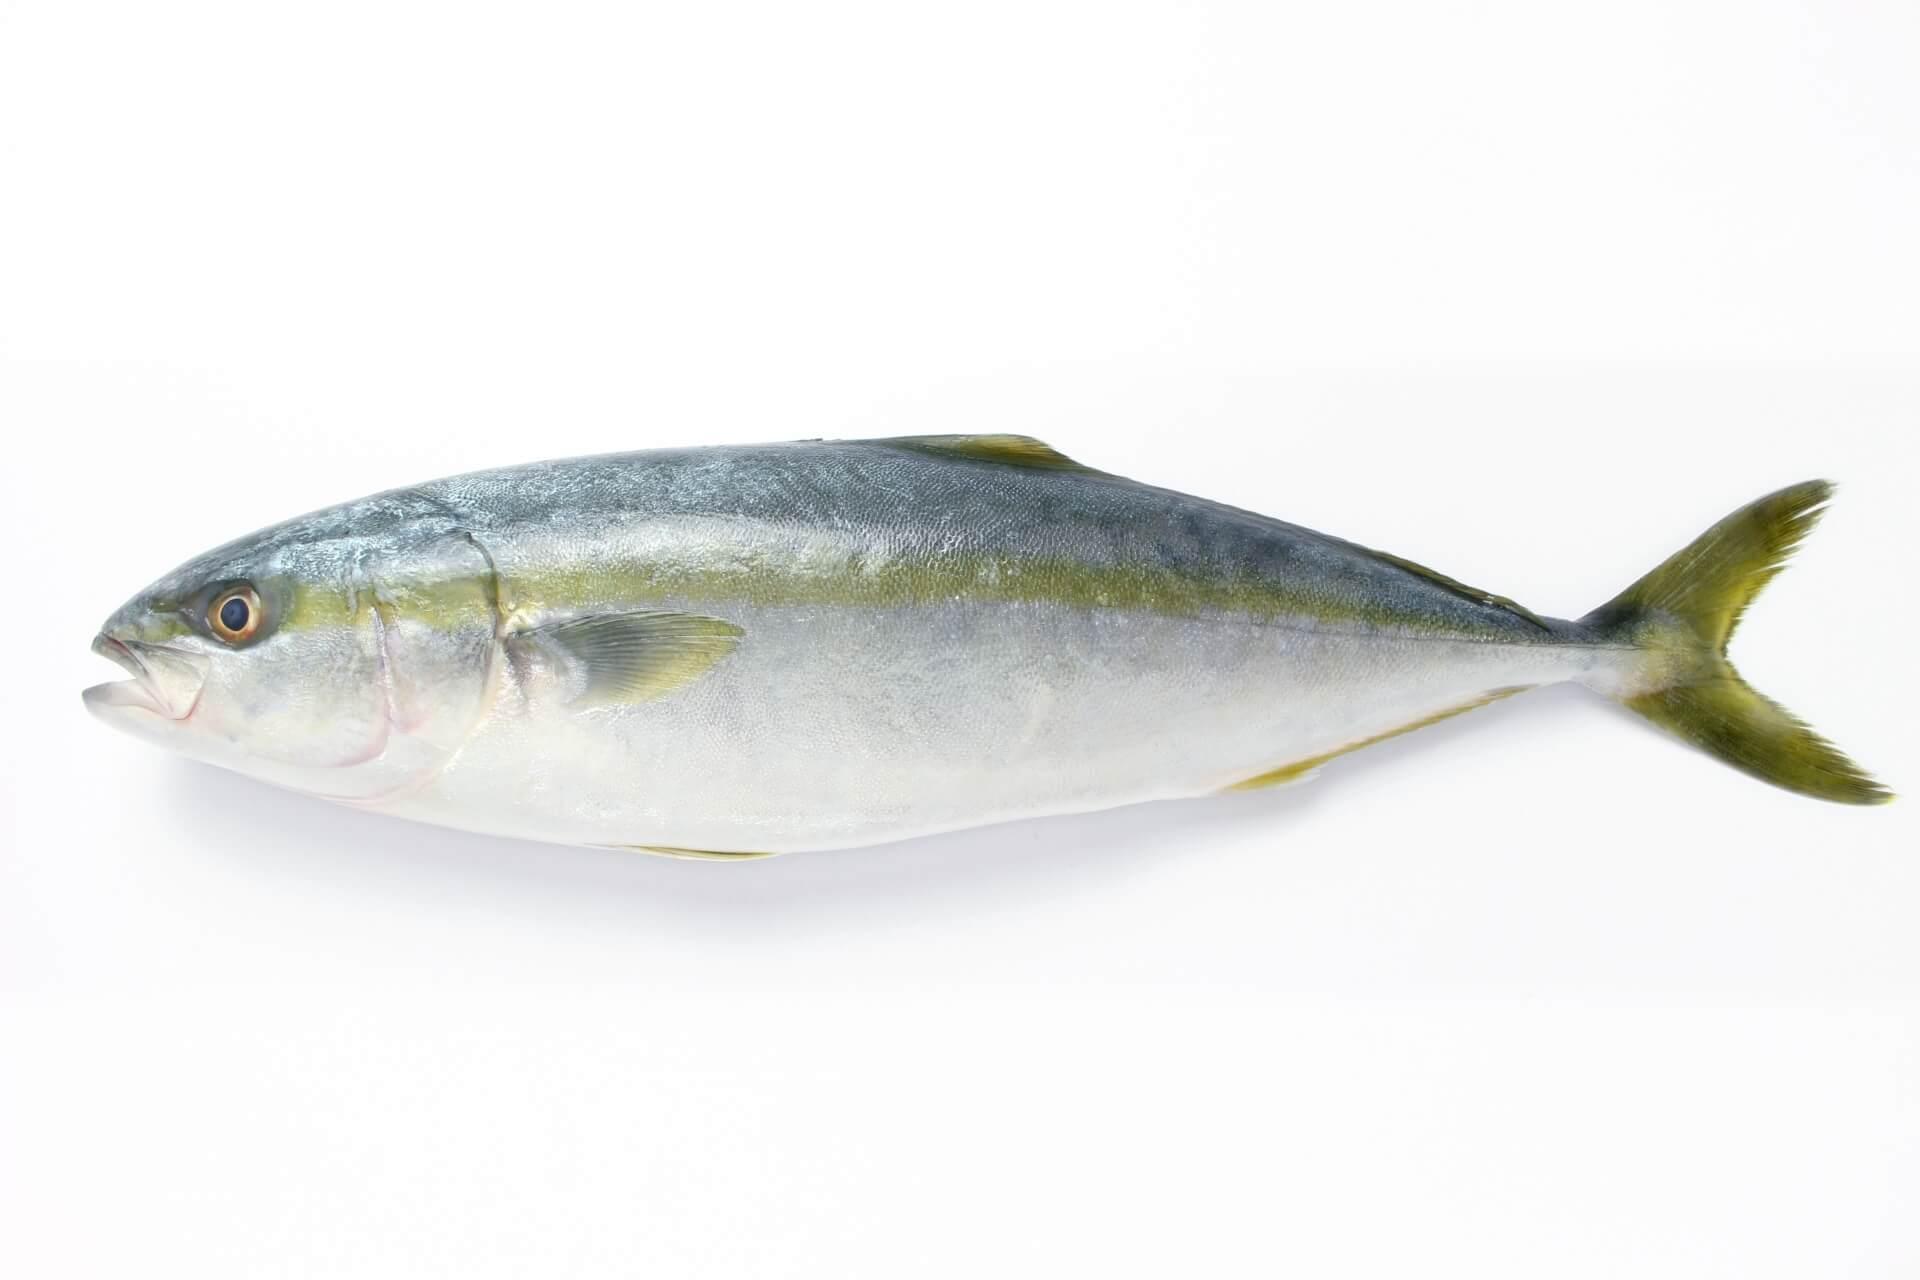 出世したい人におすすめの出世魚の代表格「鰤(ぶり)」